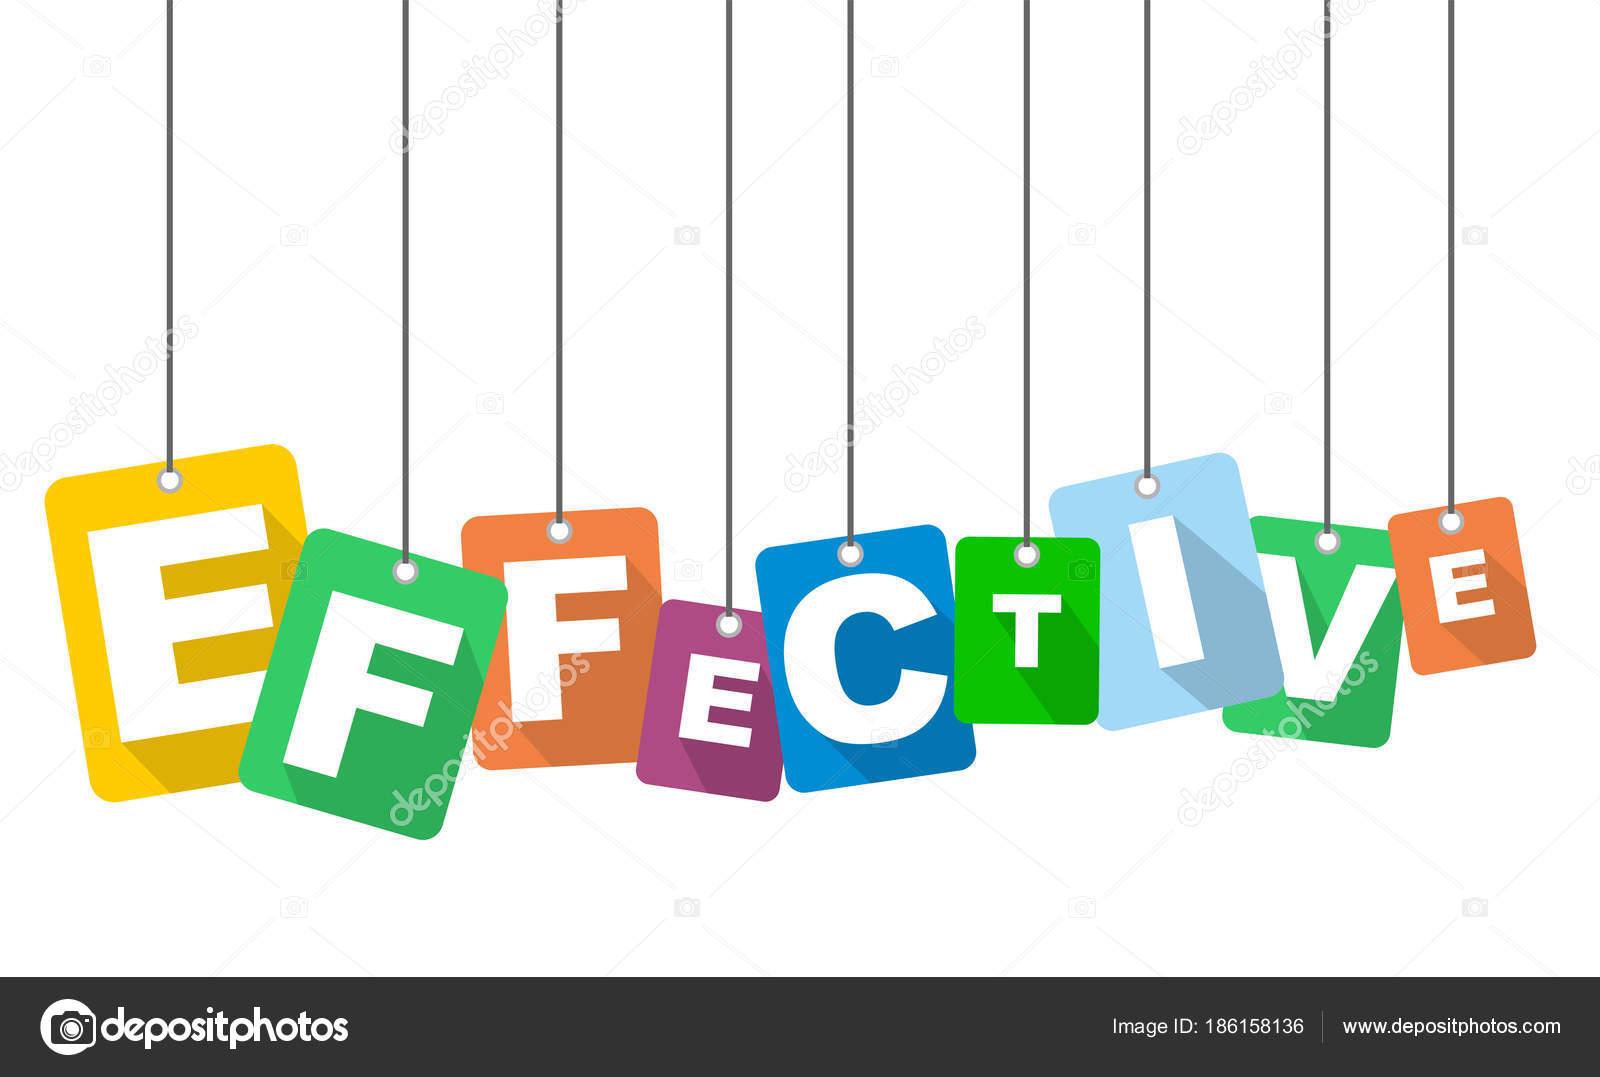 効果的なベクトル イラスト背景 ストックベクター Houbacze 186158136